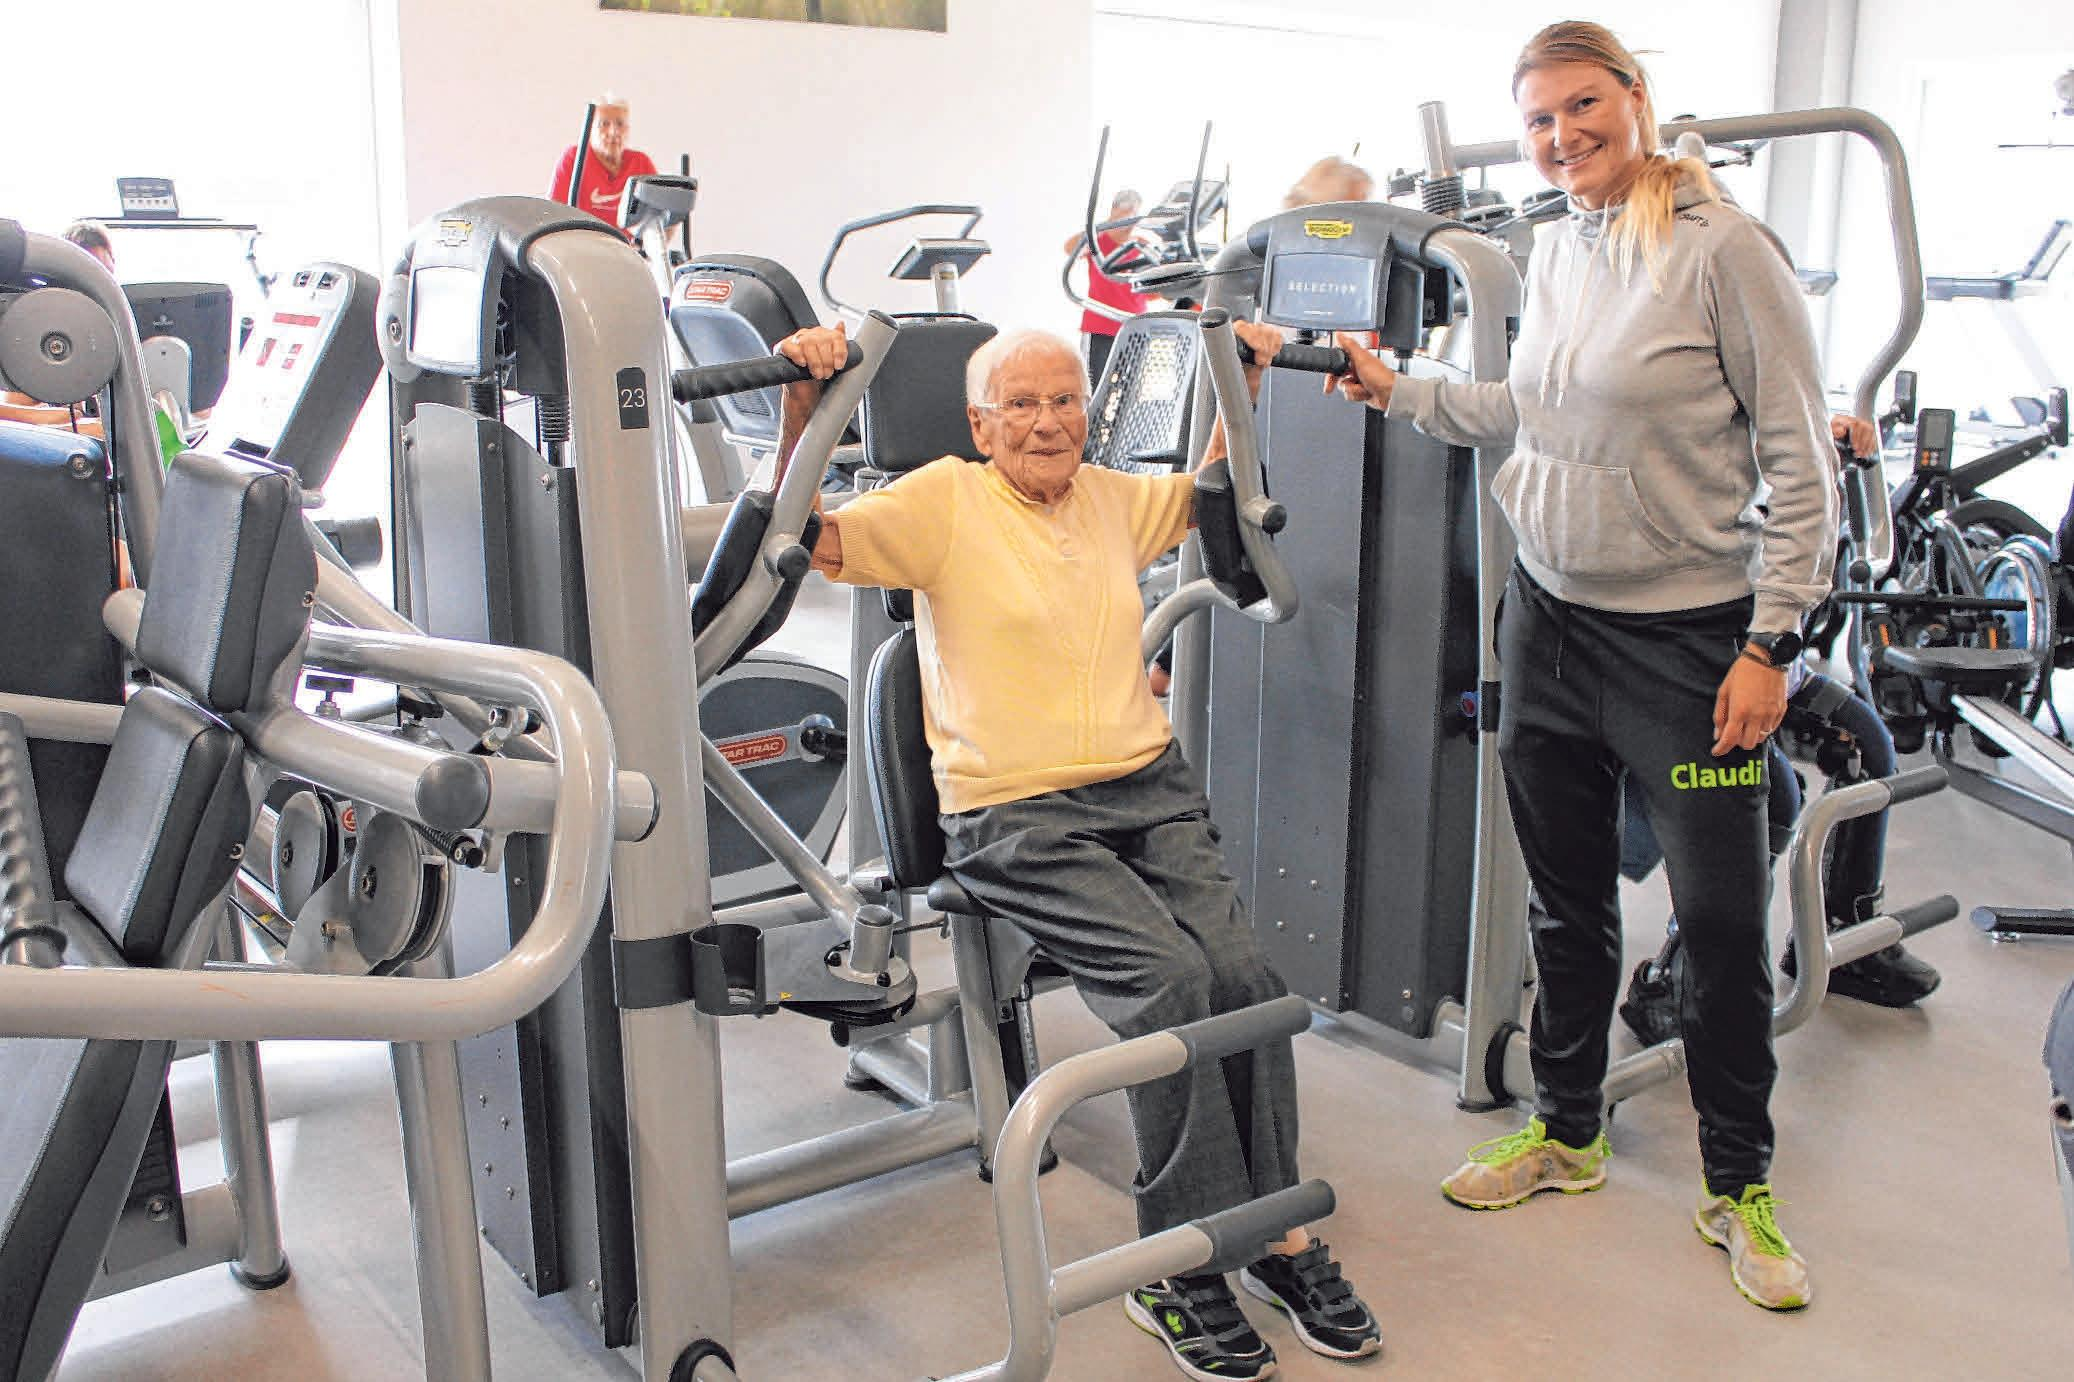 Die 95-jährige Maria Pfeffer, angeleitet von Claudia Heinzelmann, hat sich mit Training ihre Mobilität zurückgeholt.FOTO: SABINE RÖSCH